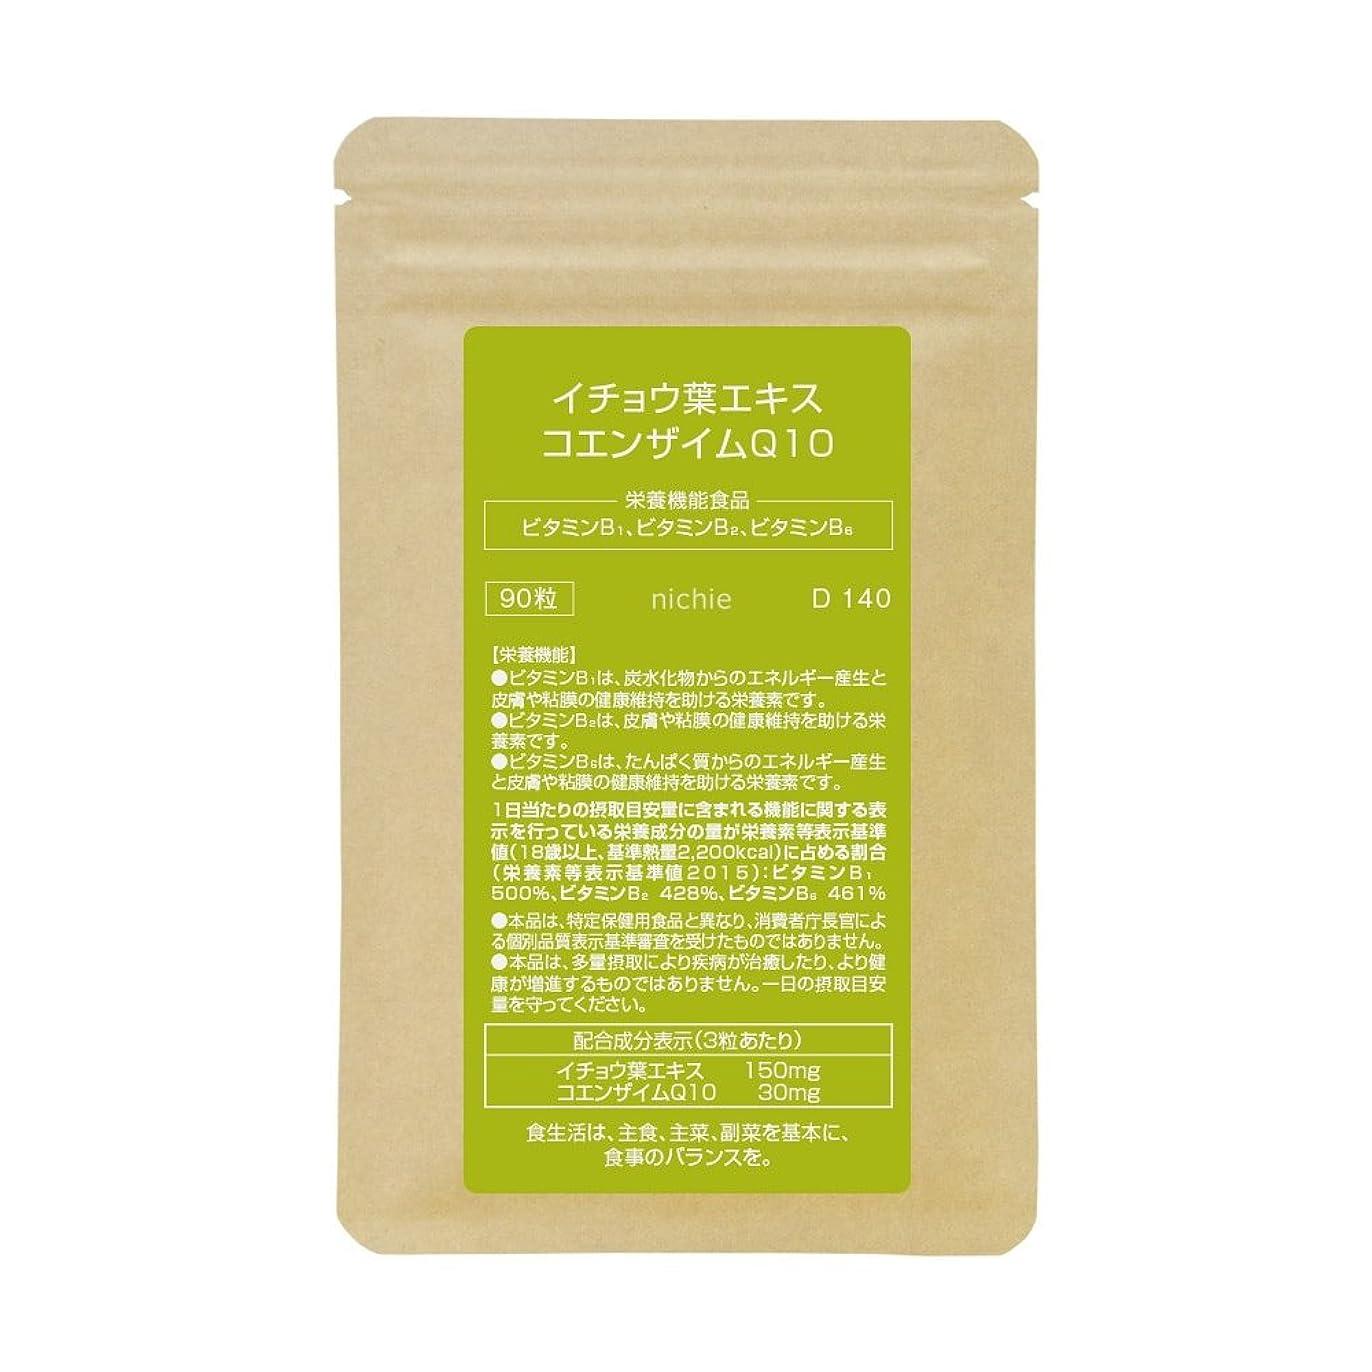 どこにも品揃え追うnichie イチョウ葉エキス コエンザイムQ10 ビタミン 複合型サプリメント 約1ヶ月分(90粒)